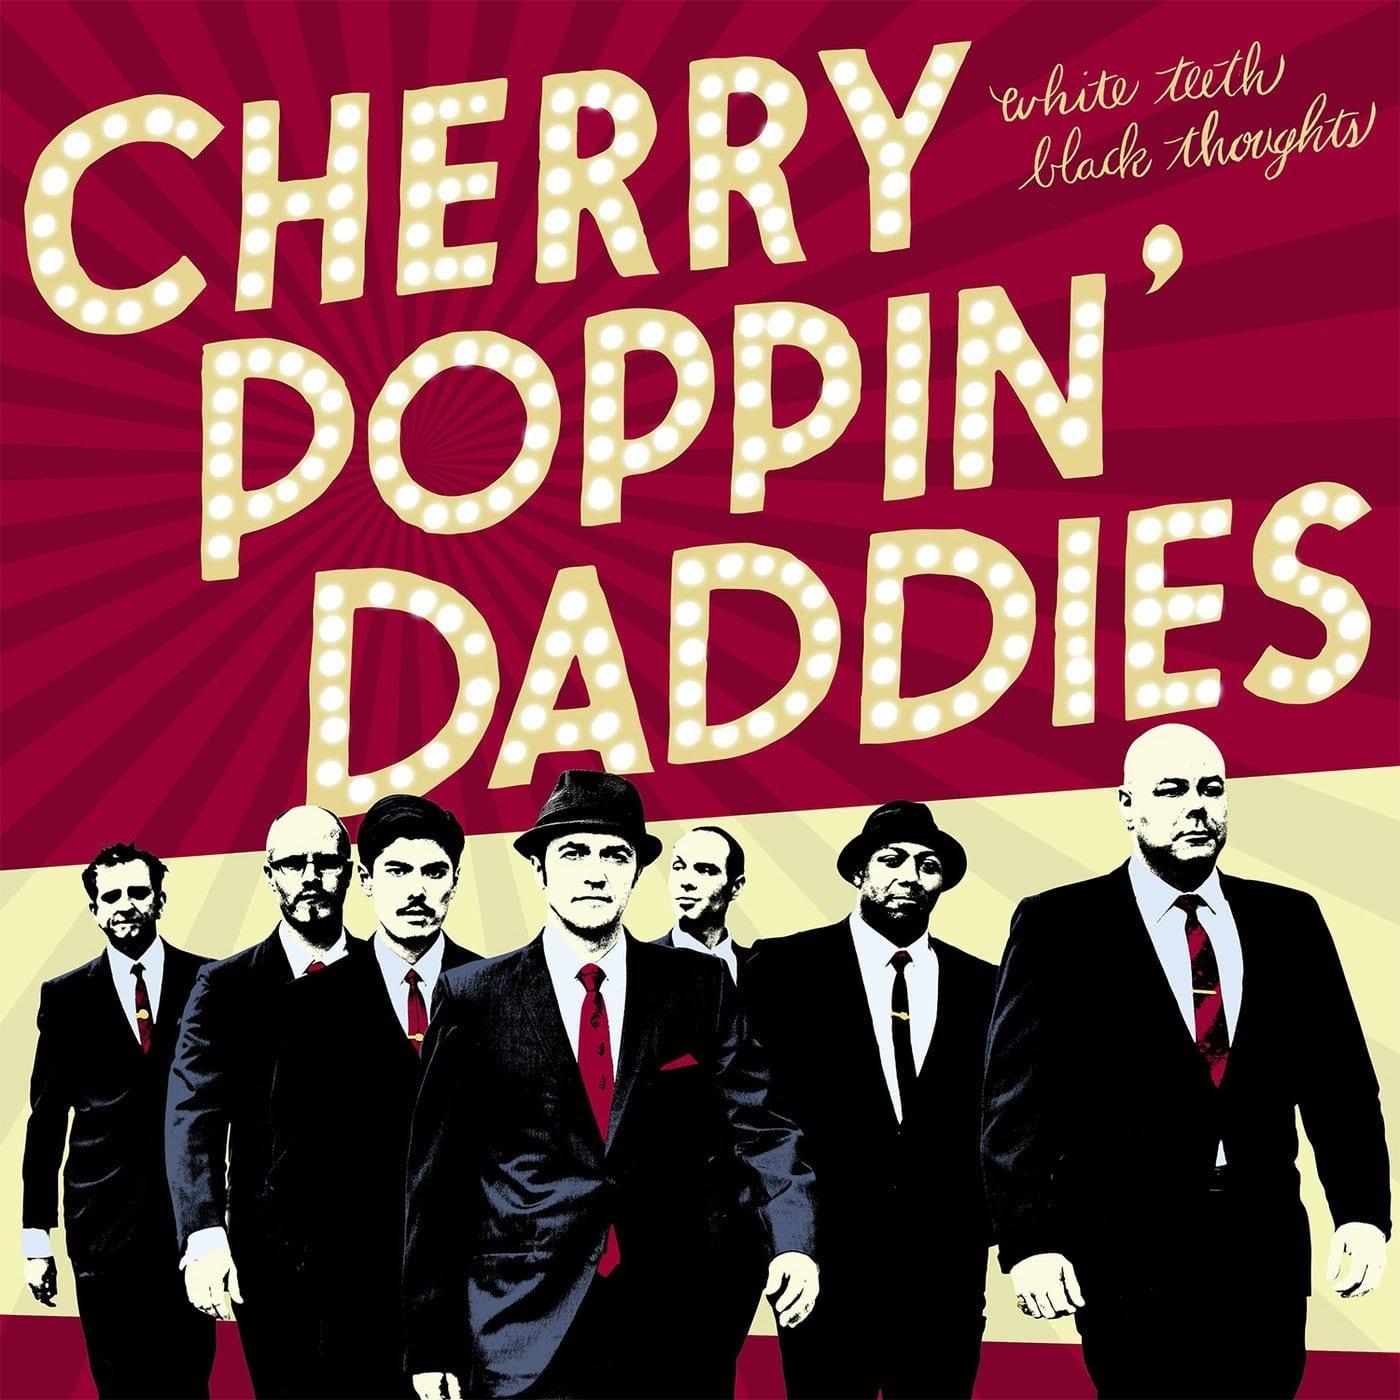 Cherry Poppin Daddies Tour